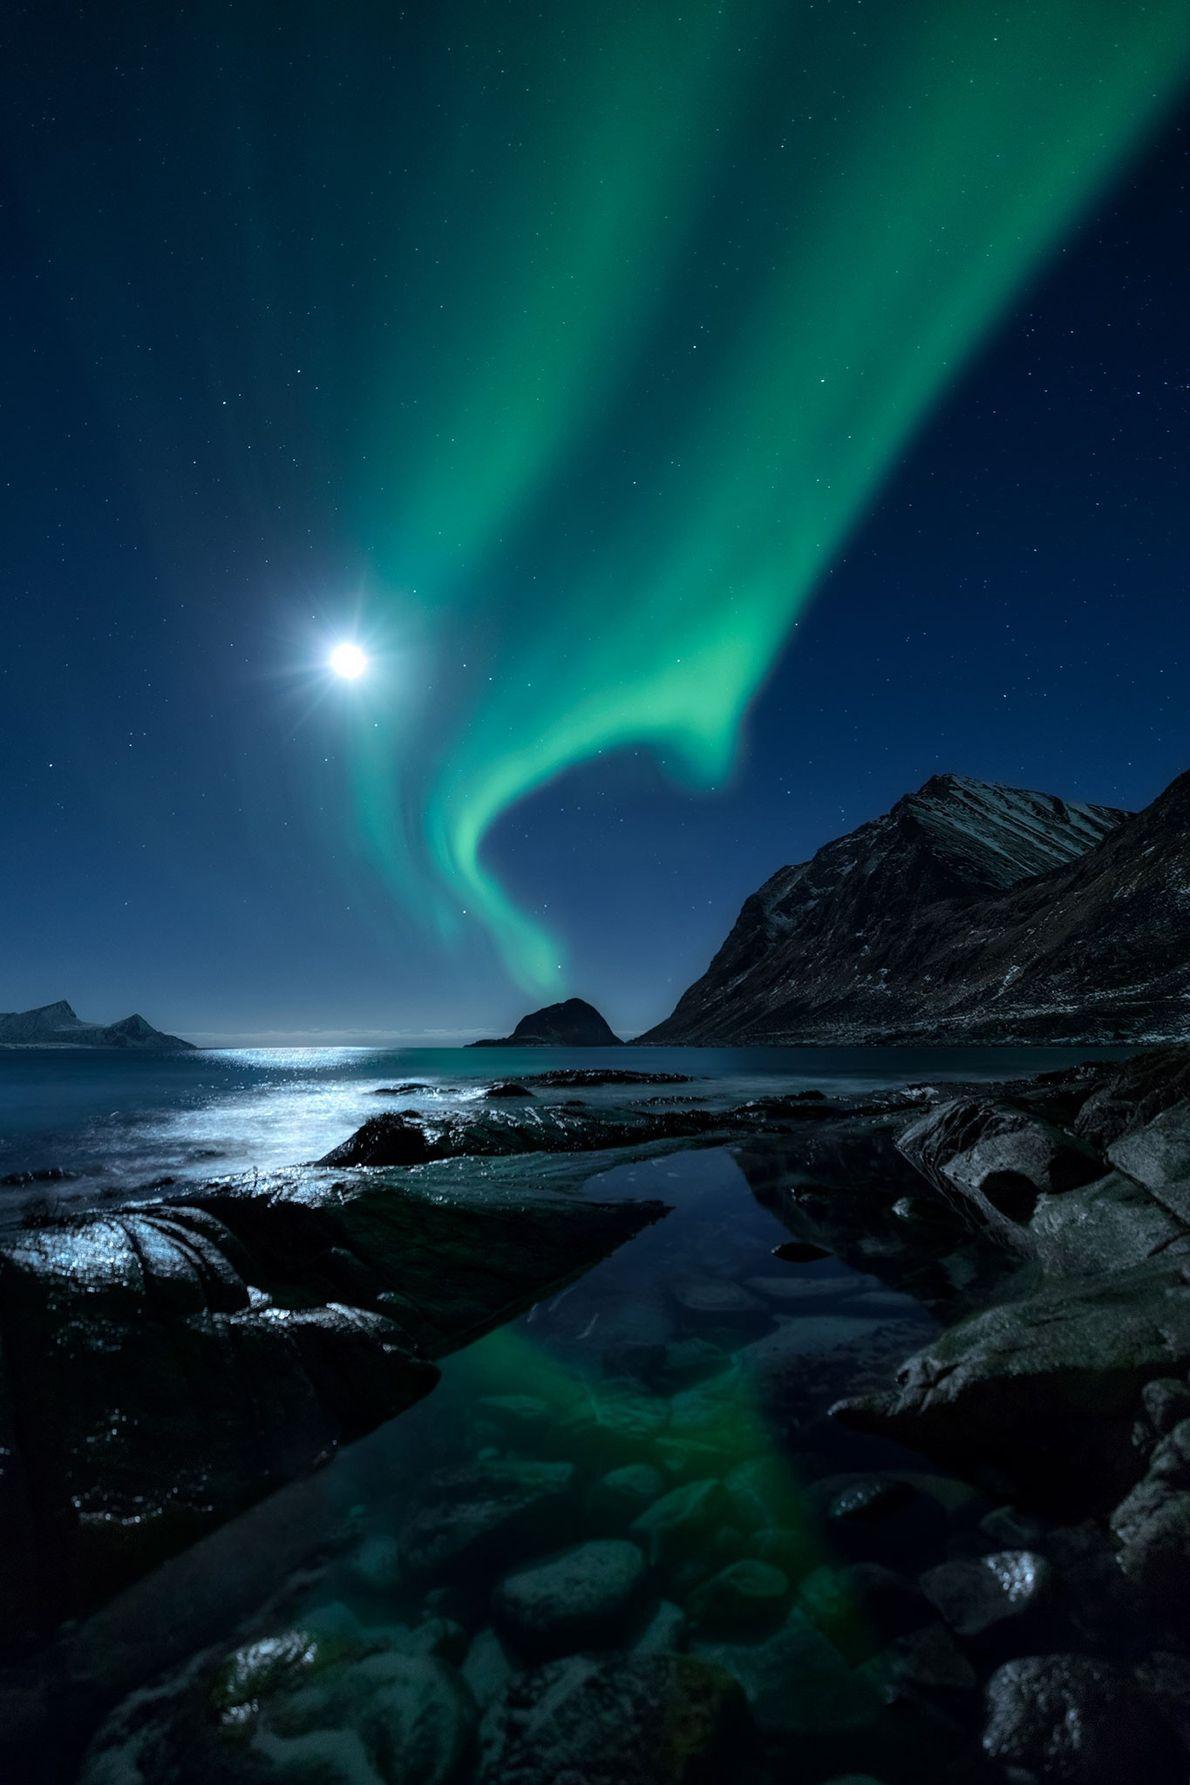 Loin d'être éclipsée par une Lune éclatante, cette aurore boréale flamboie au-dessus d'un fjord au nord ...